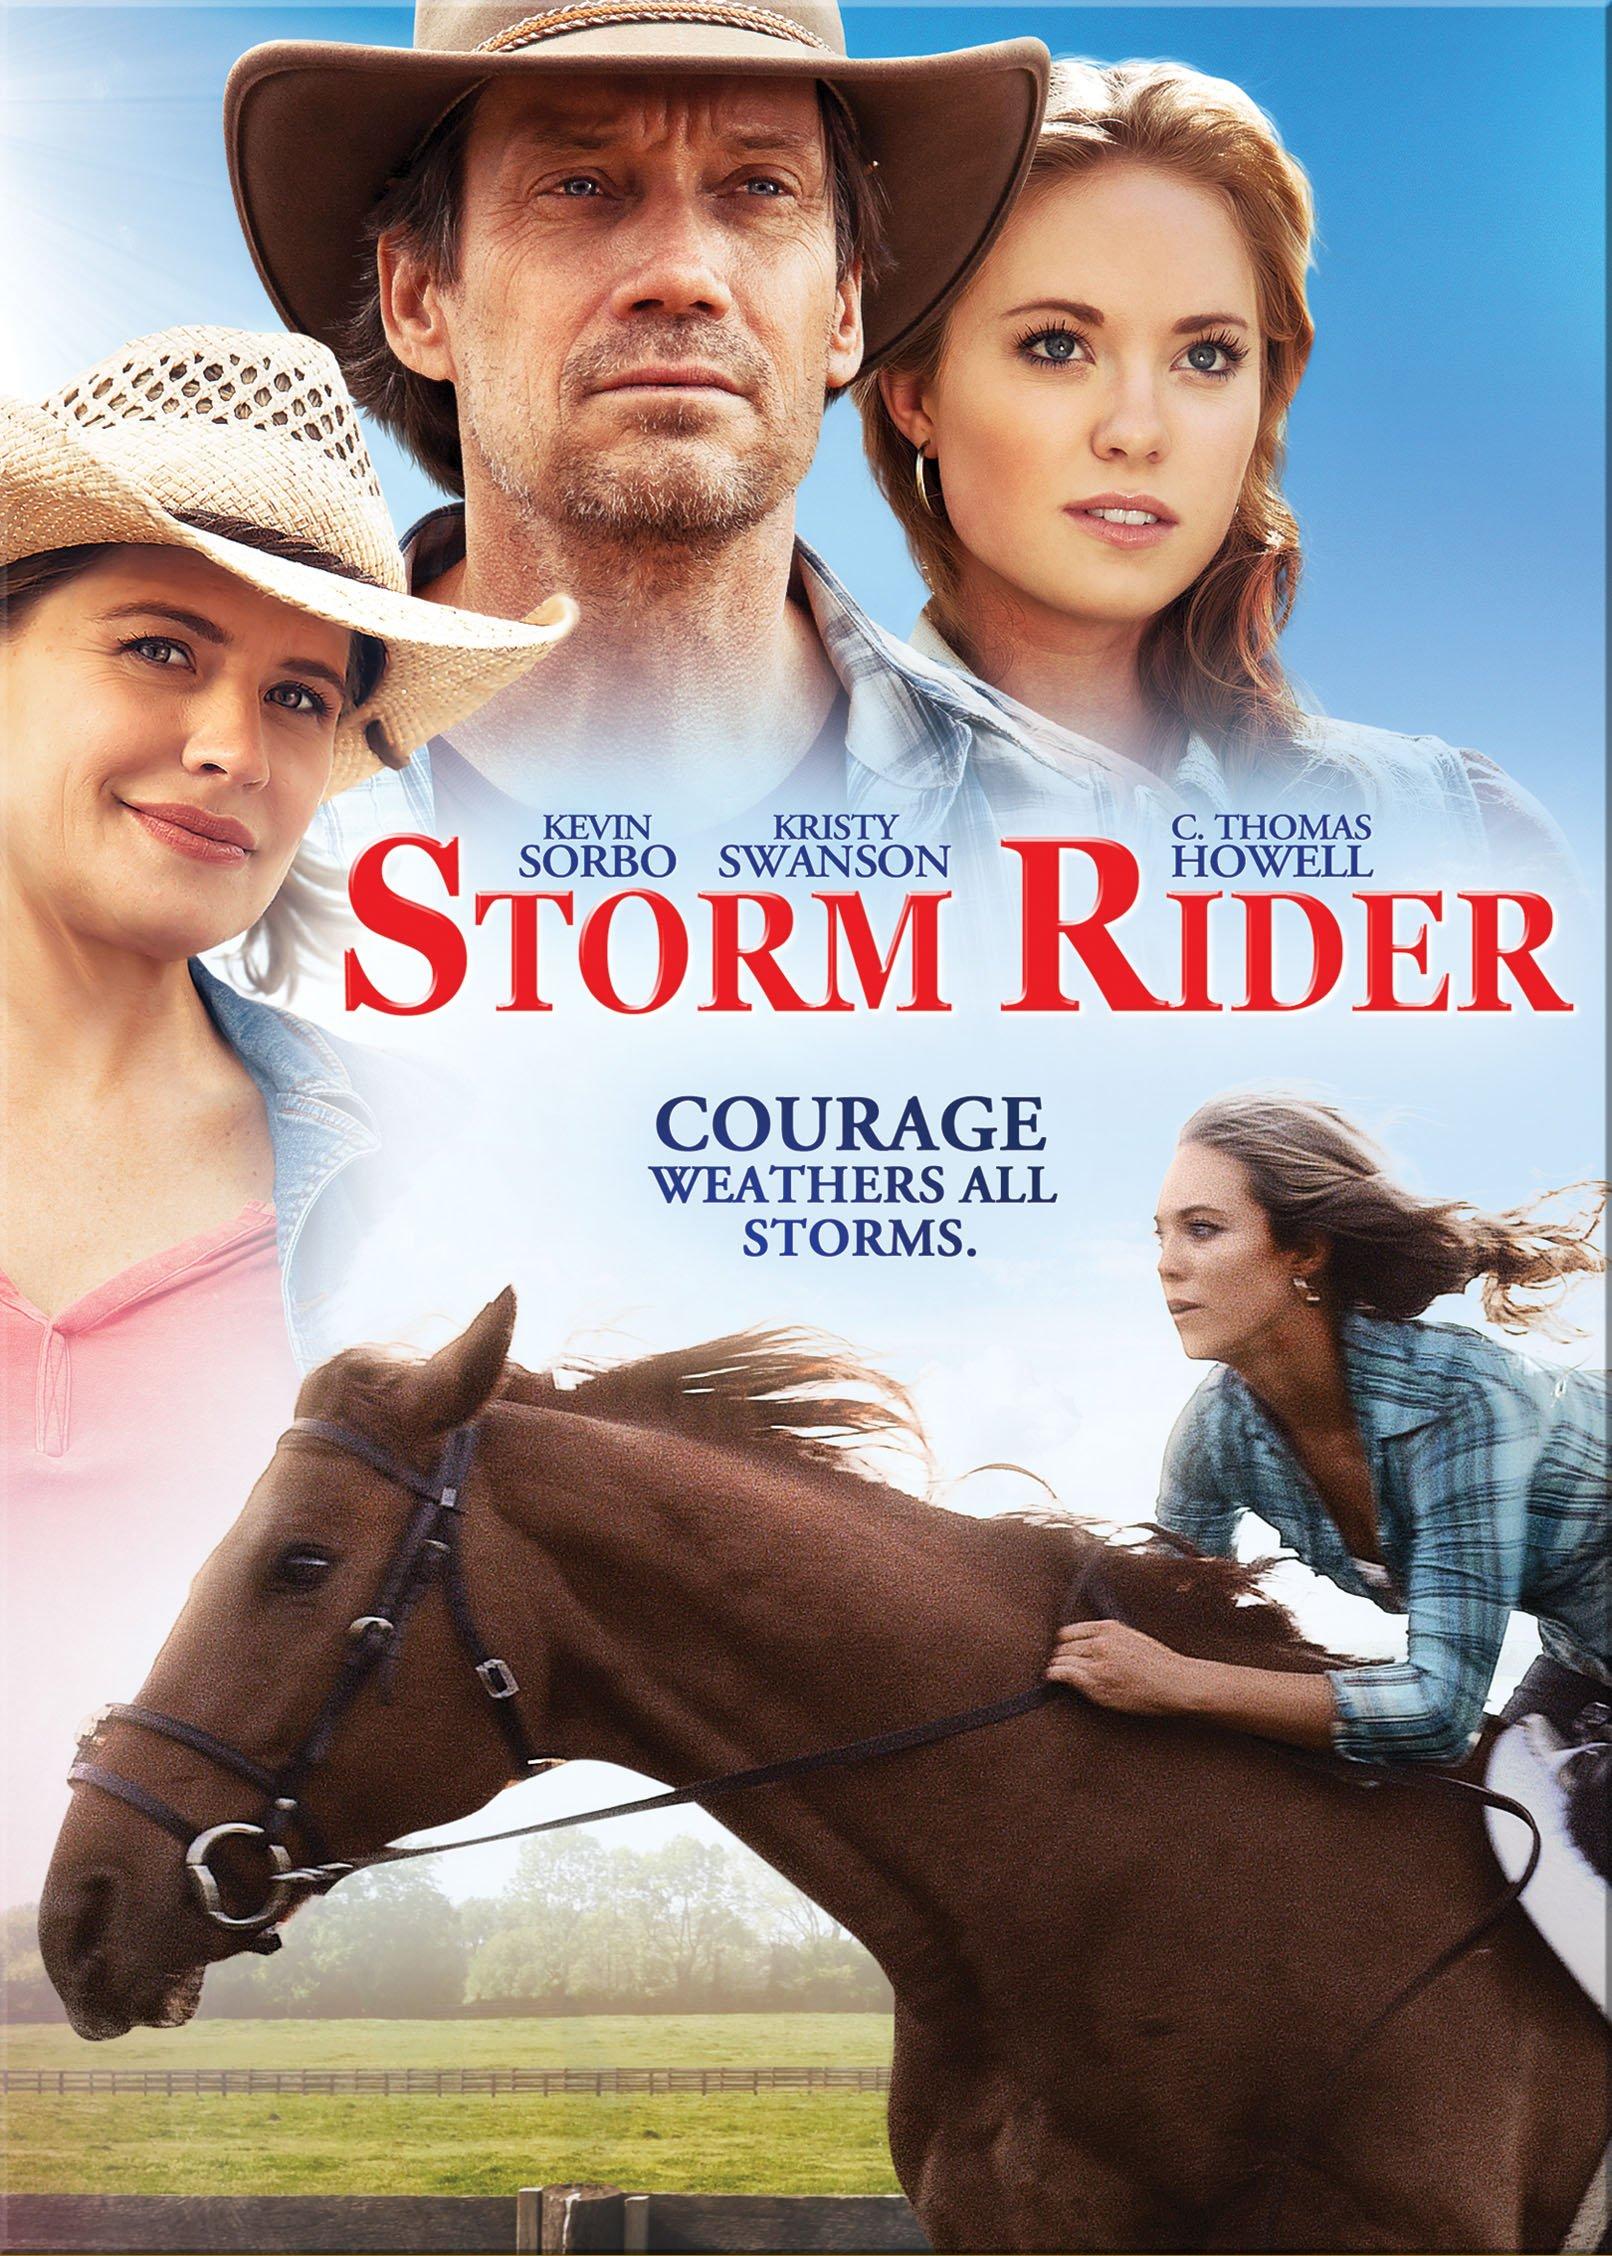 Storm rider movie